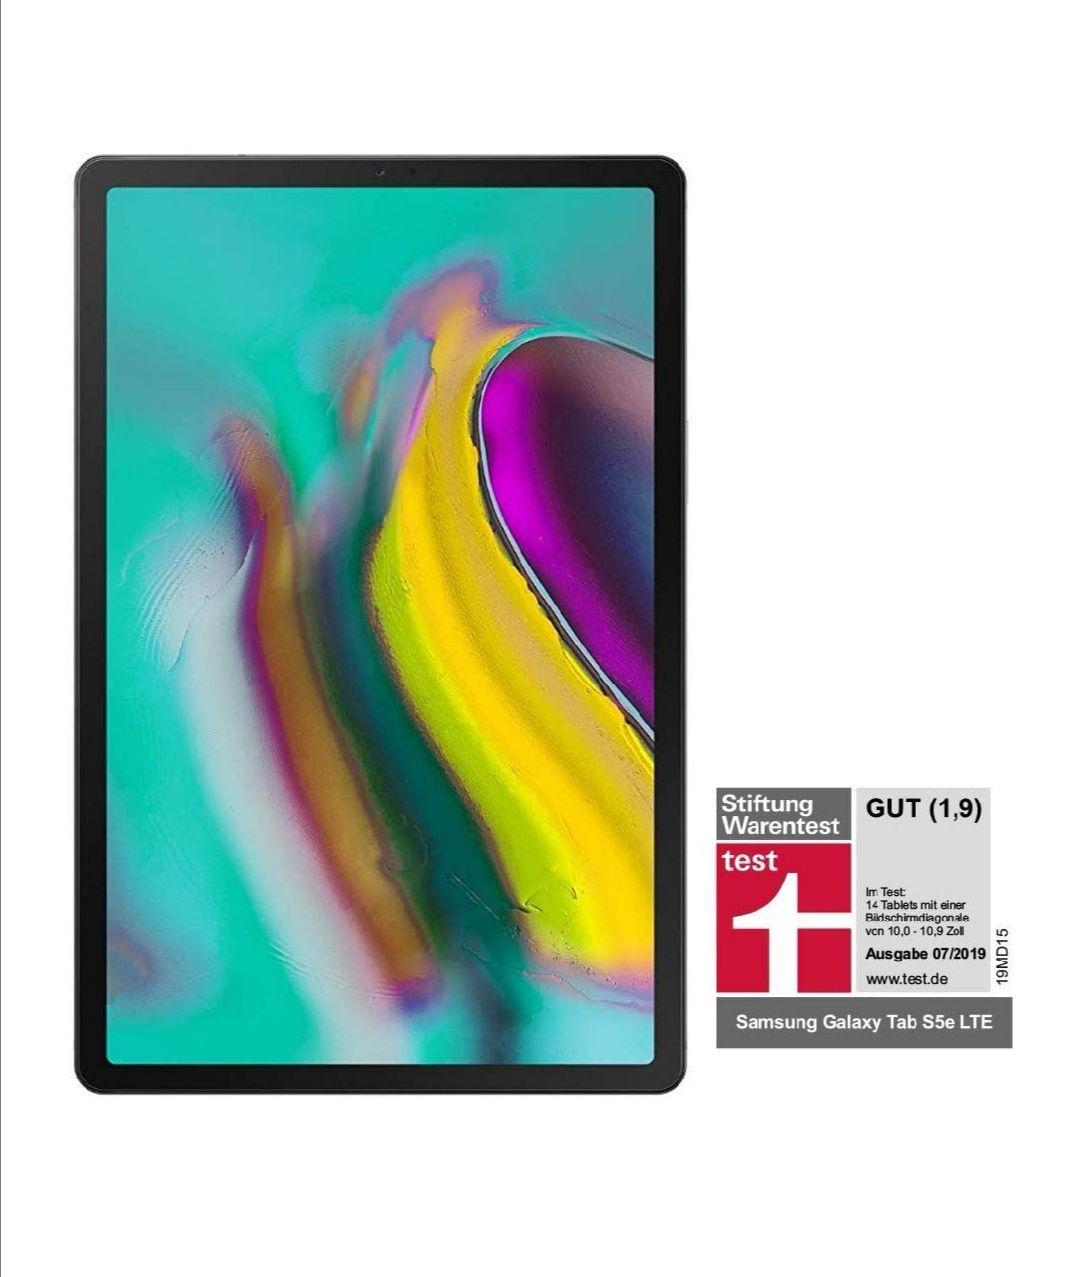 Samsung Galaxy Tab S5e LTE SM-T725 64GB Gold DE Version £305.12 @ Amazon